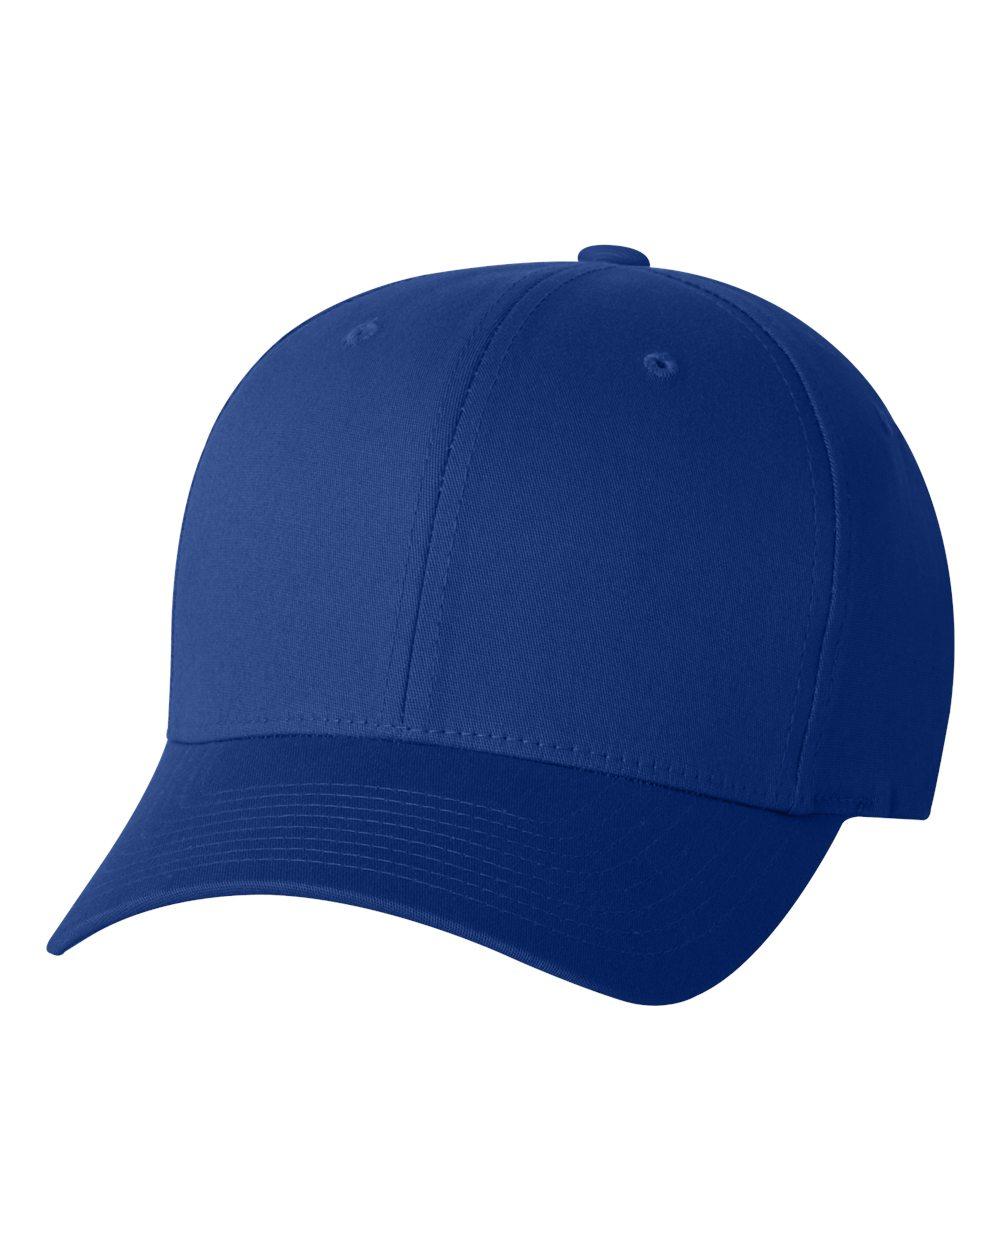 Flexfit 5001 - V-Flex Twill Cap